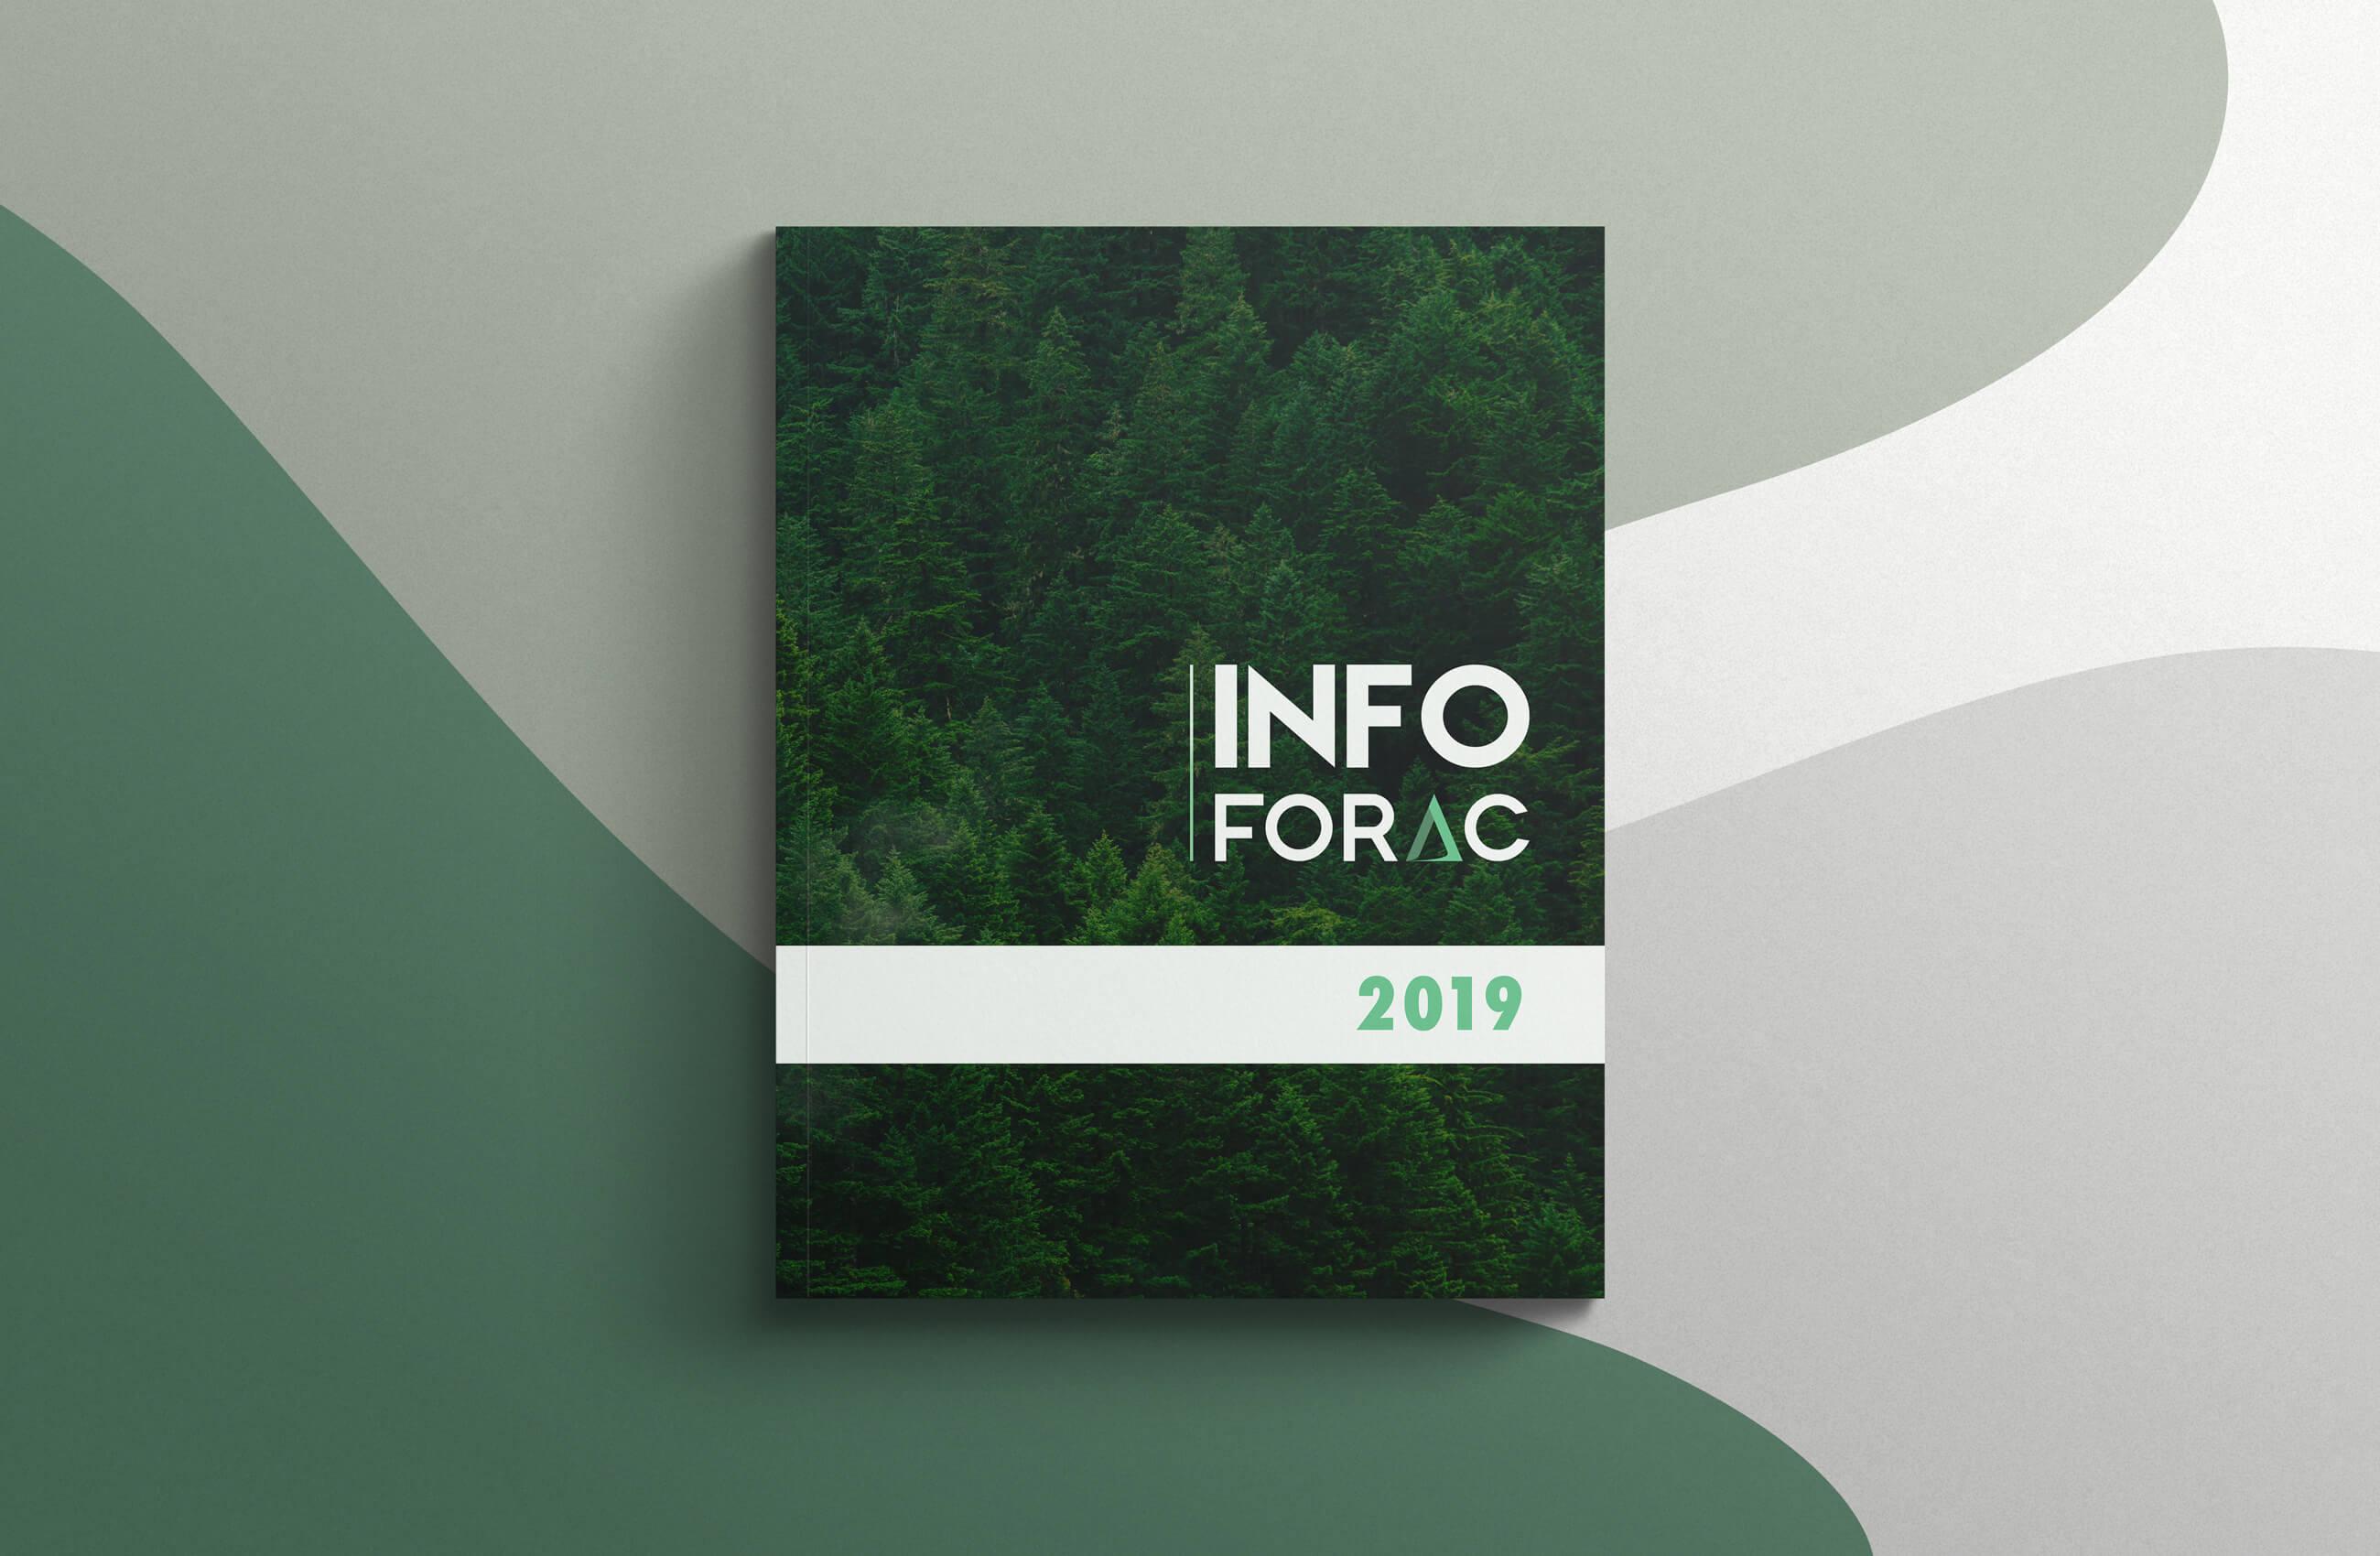 INFO FORAC magazine